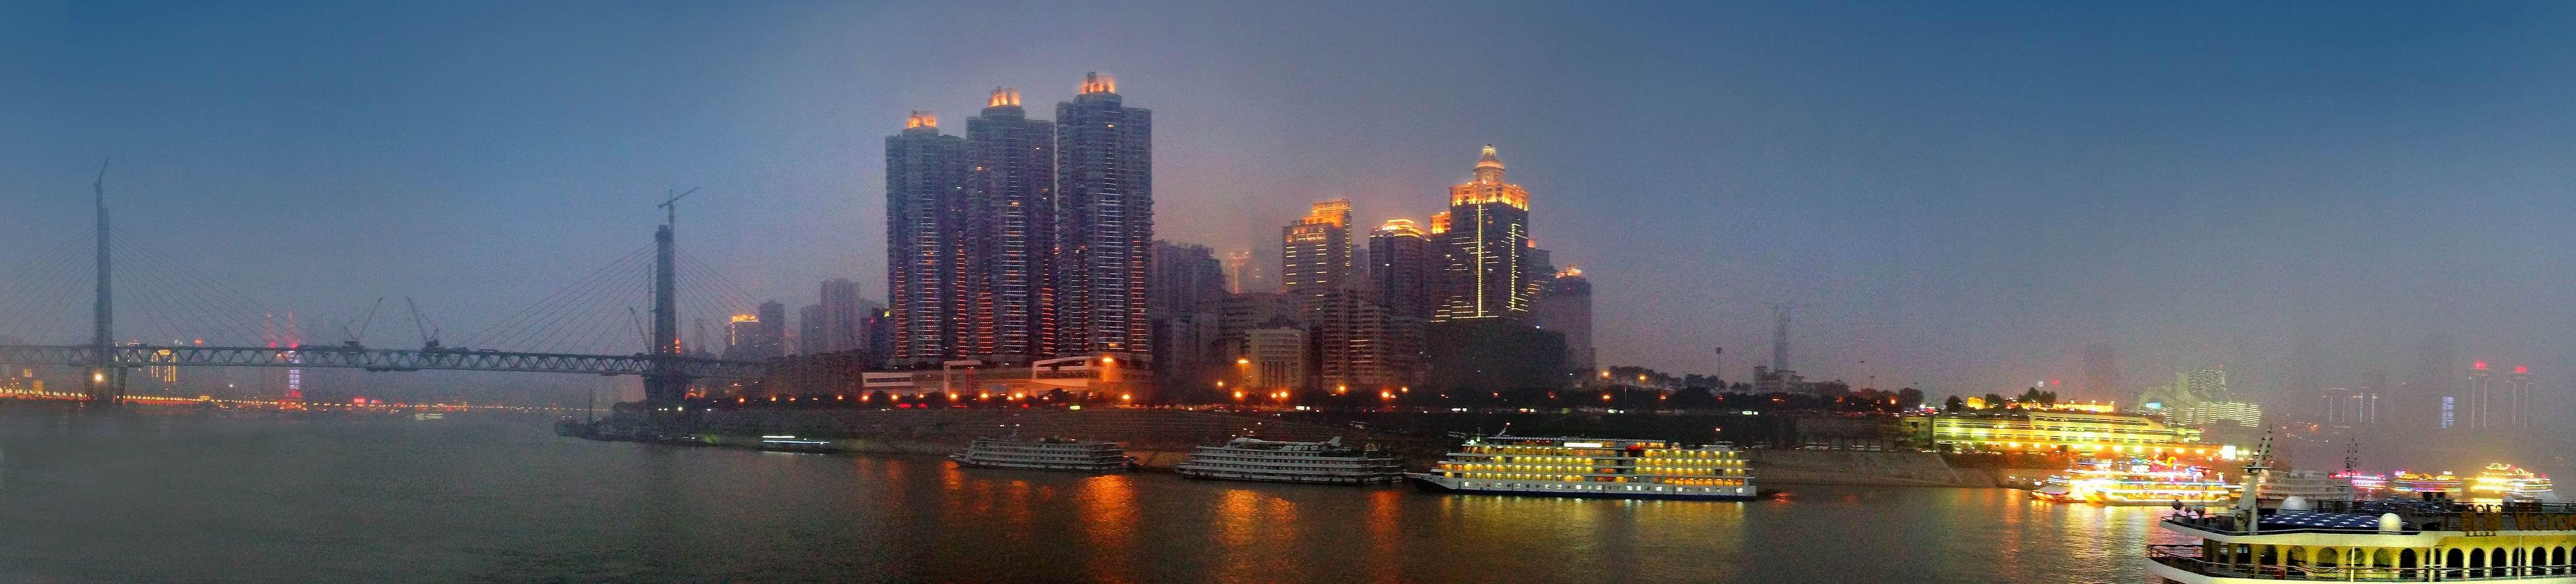 渝中半岛夜景